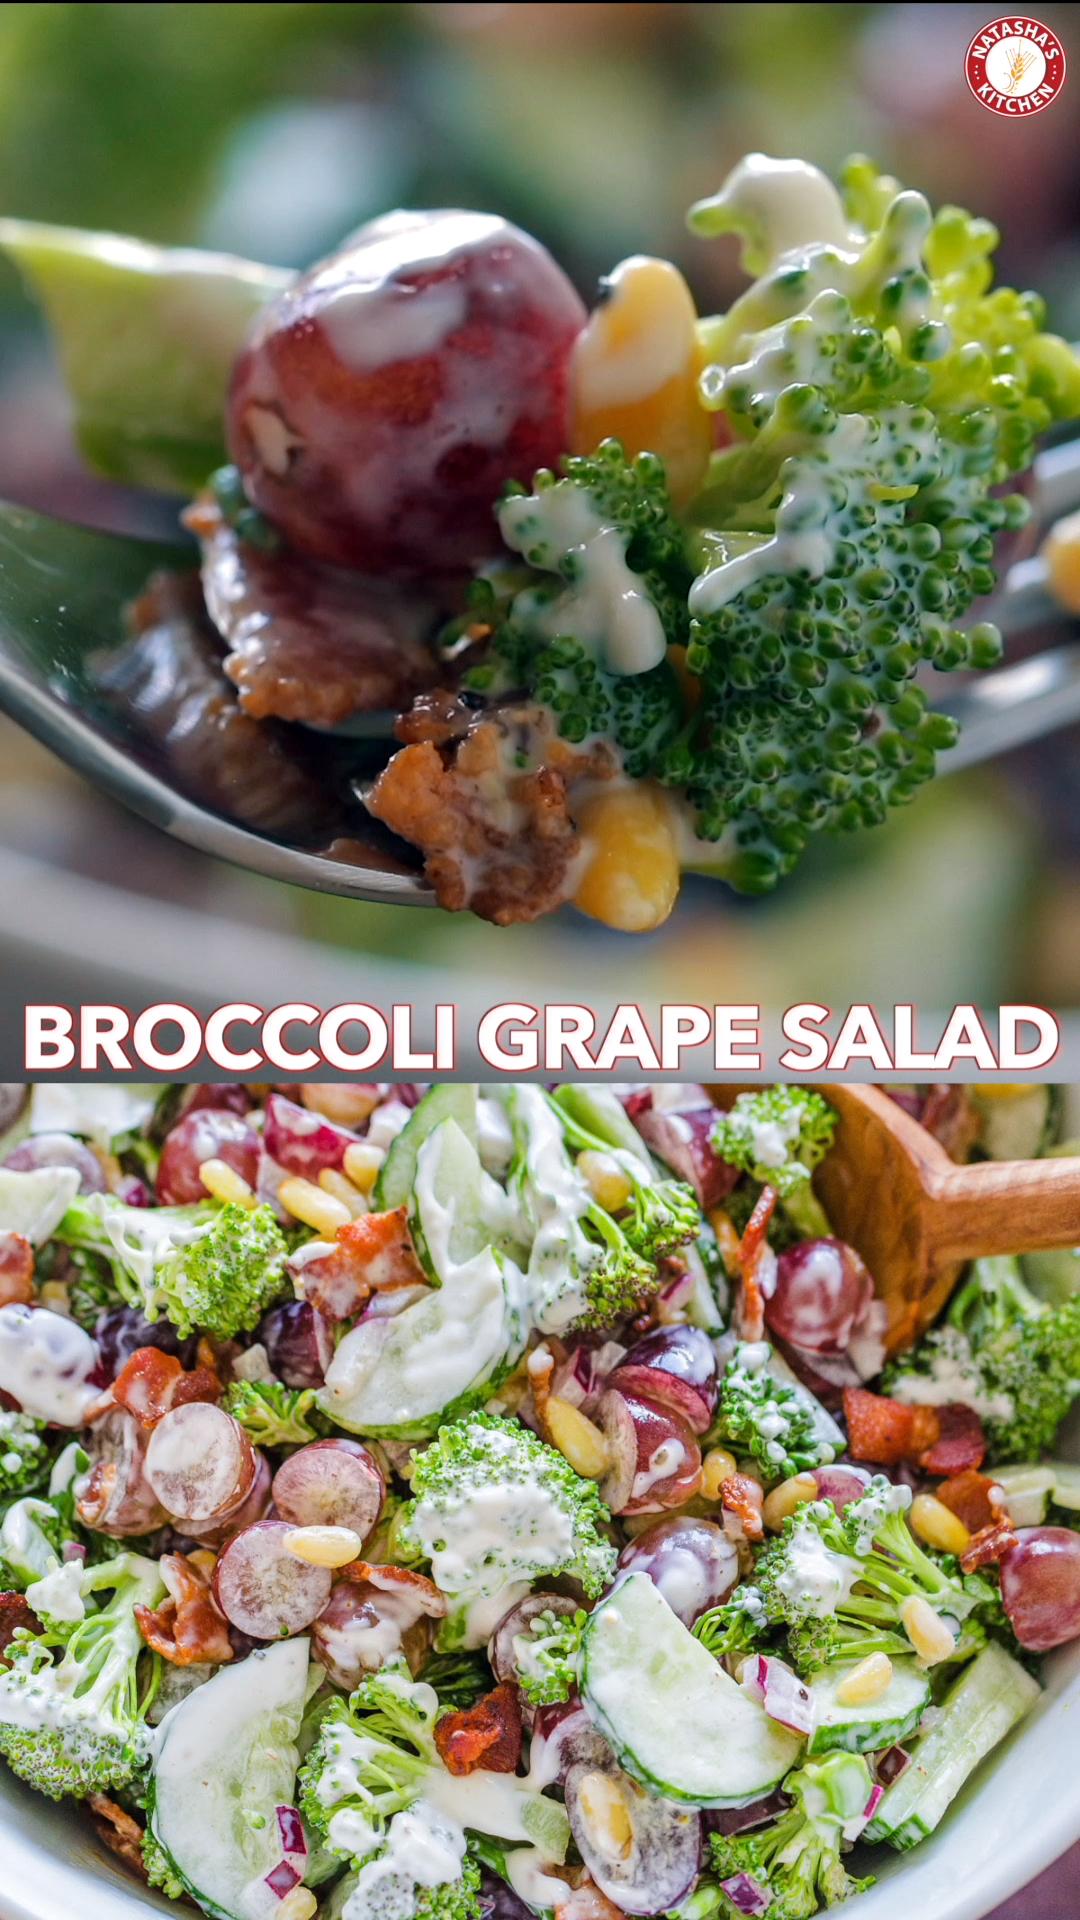 Broccoli Grape Salad (VIDEO) - NatashasKitchen.com